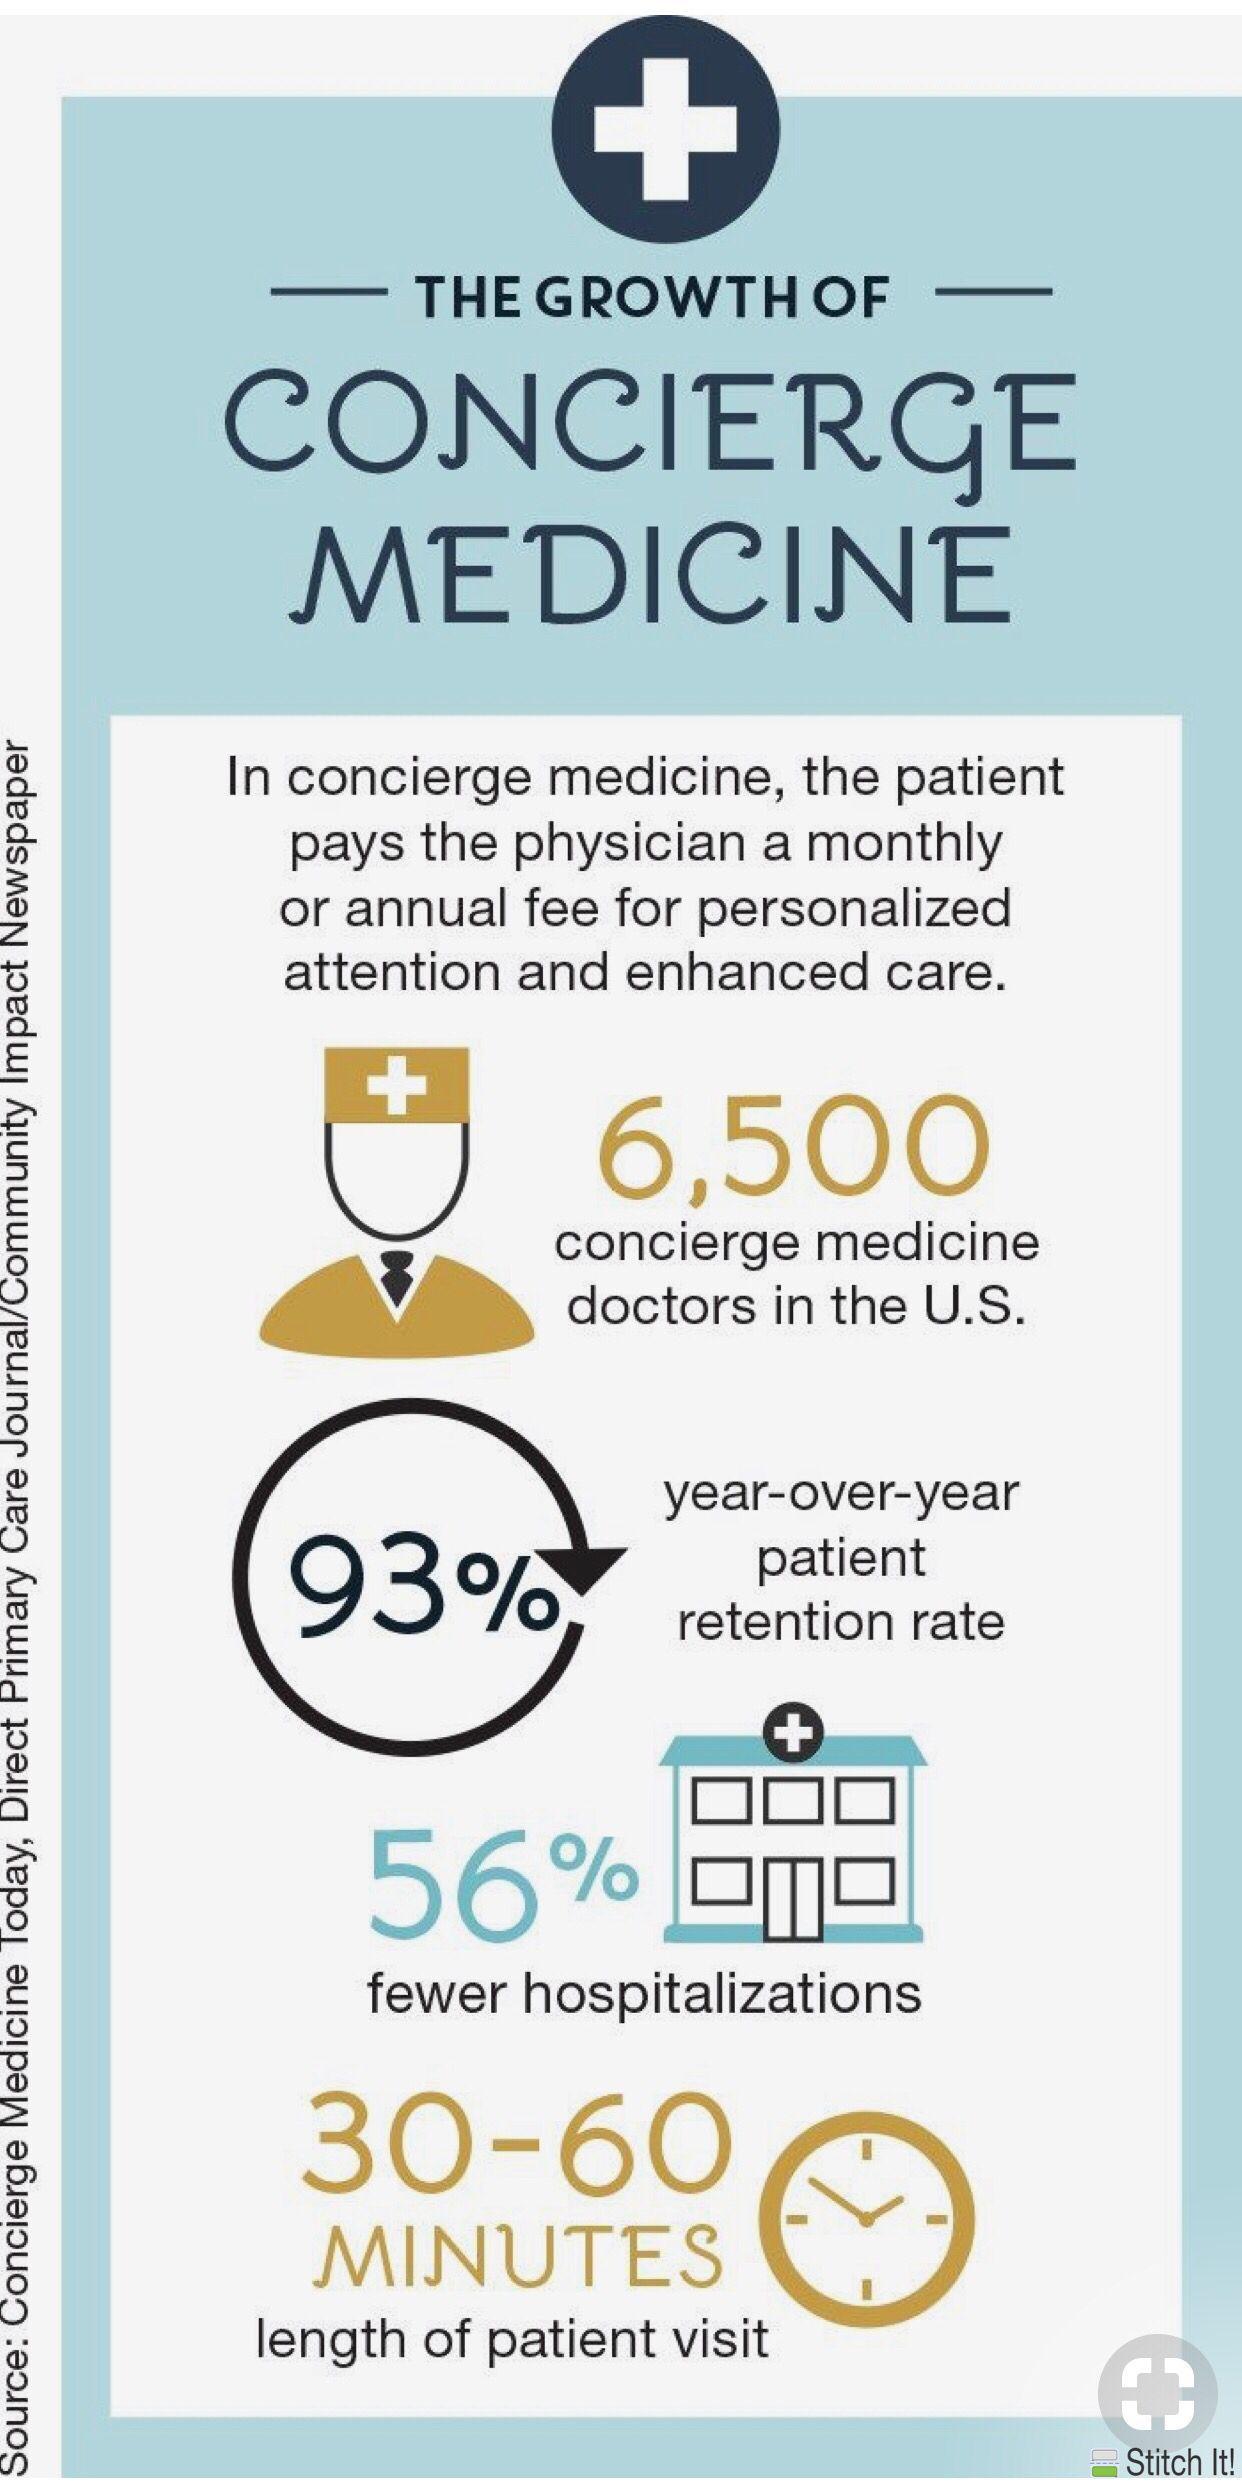 Direct Primary Care (DPC) and Concierge Medicine are